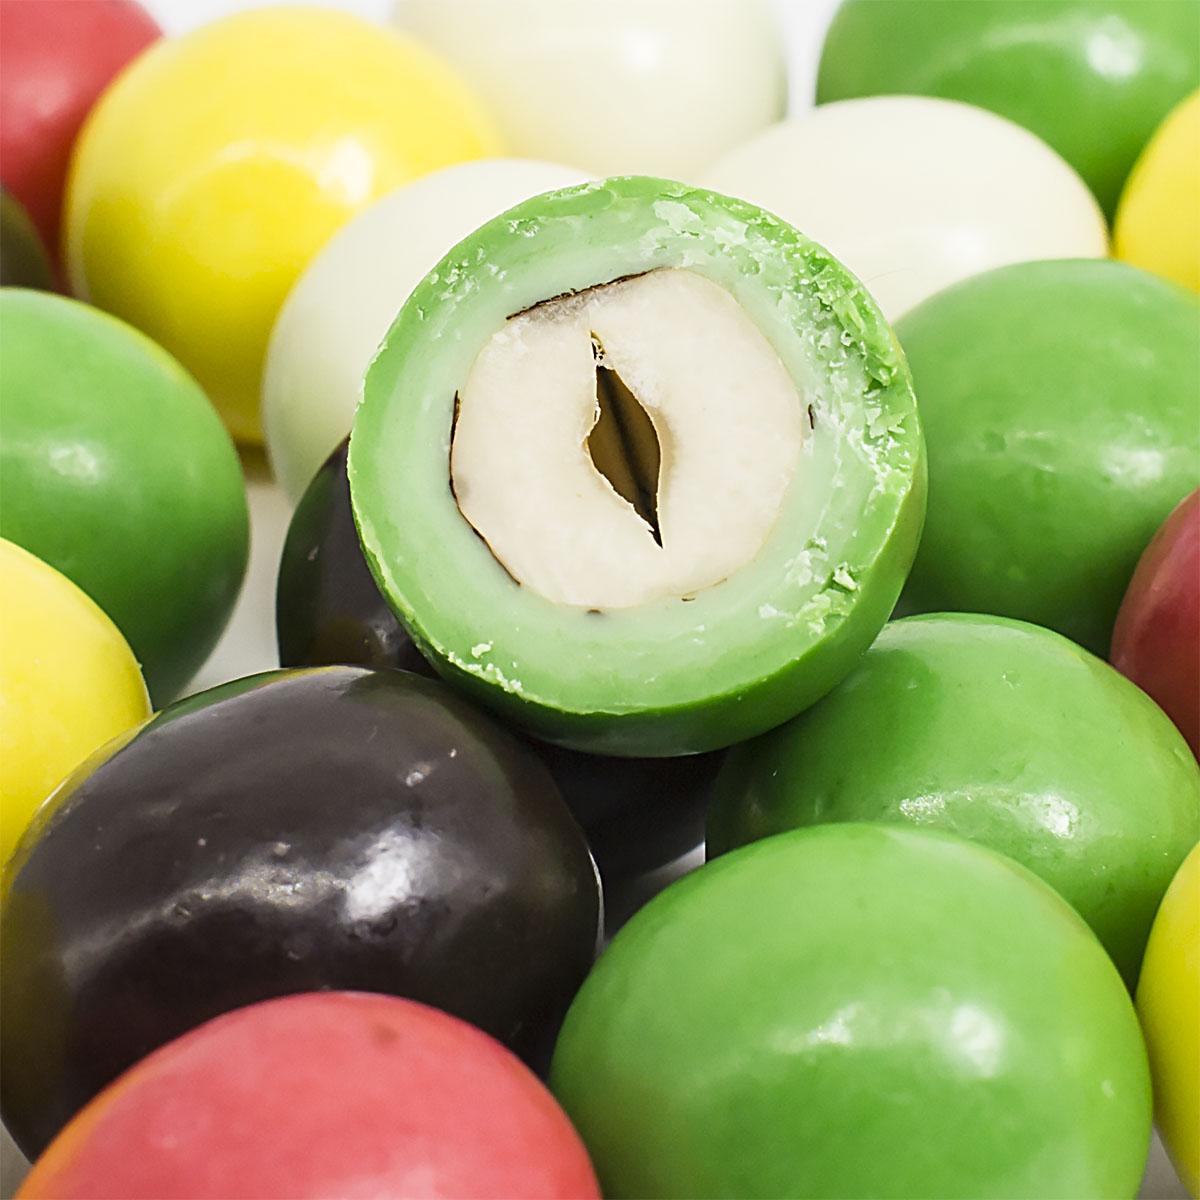 Фундук в цветной глазури пирожное маршмеллоу sweet plus zeffo в какао молочной глазури 150 г